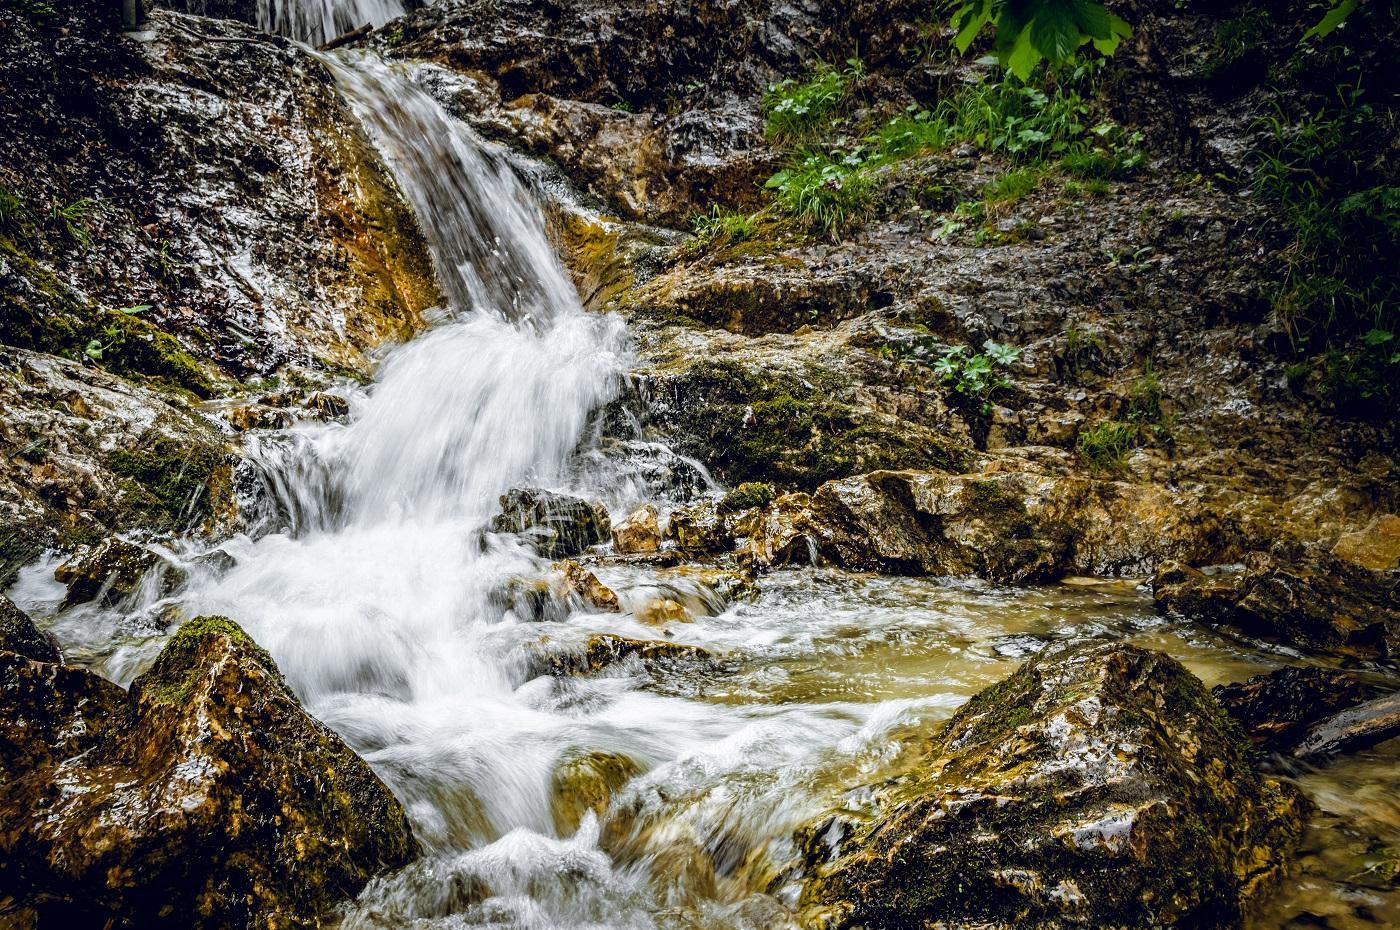 Dierowy potok Mała Fatra szlaki